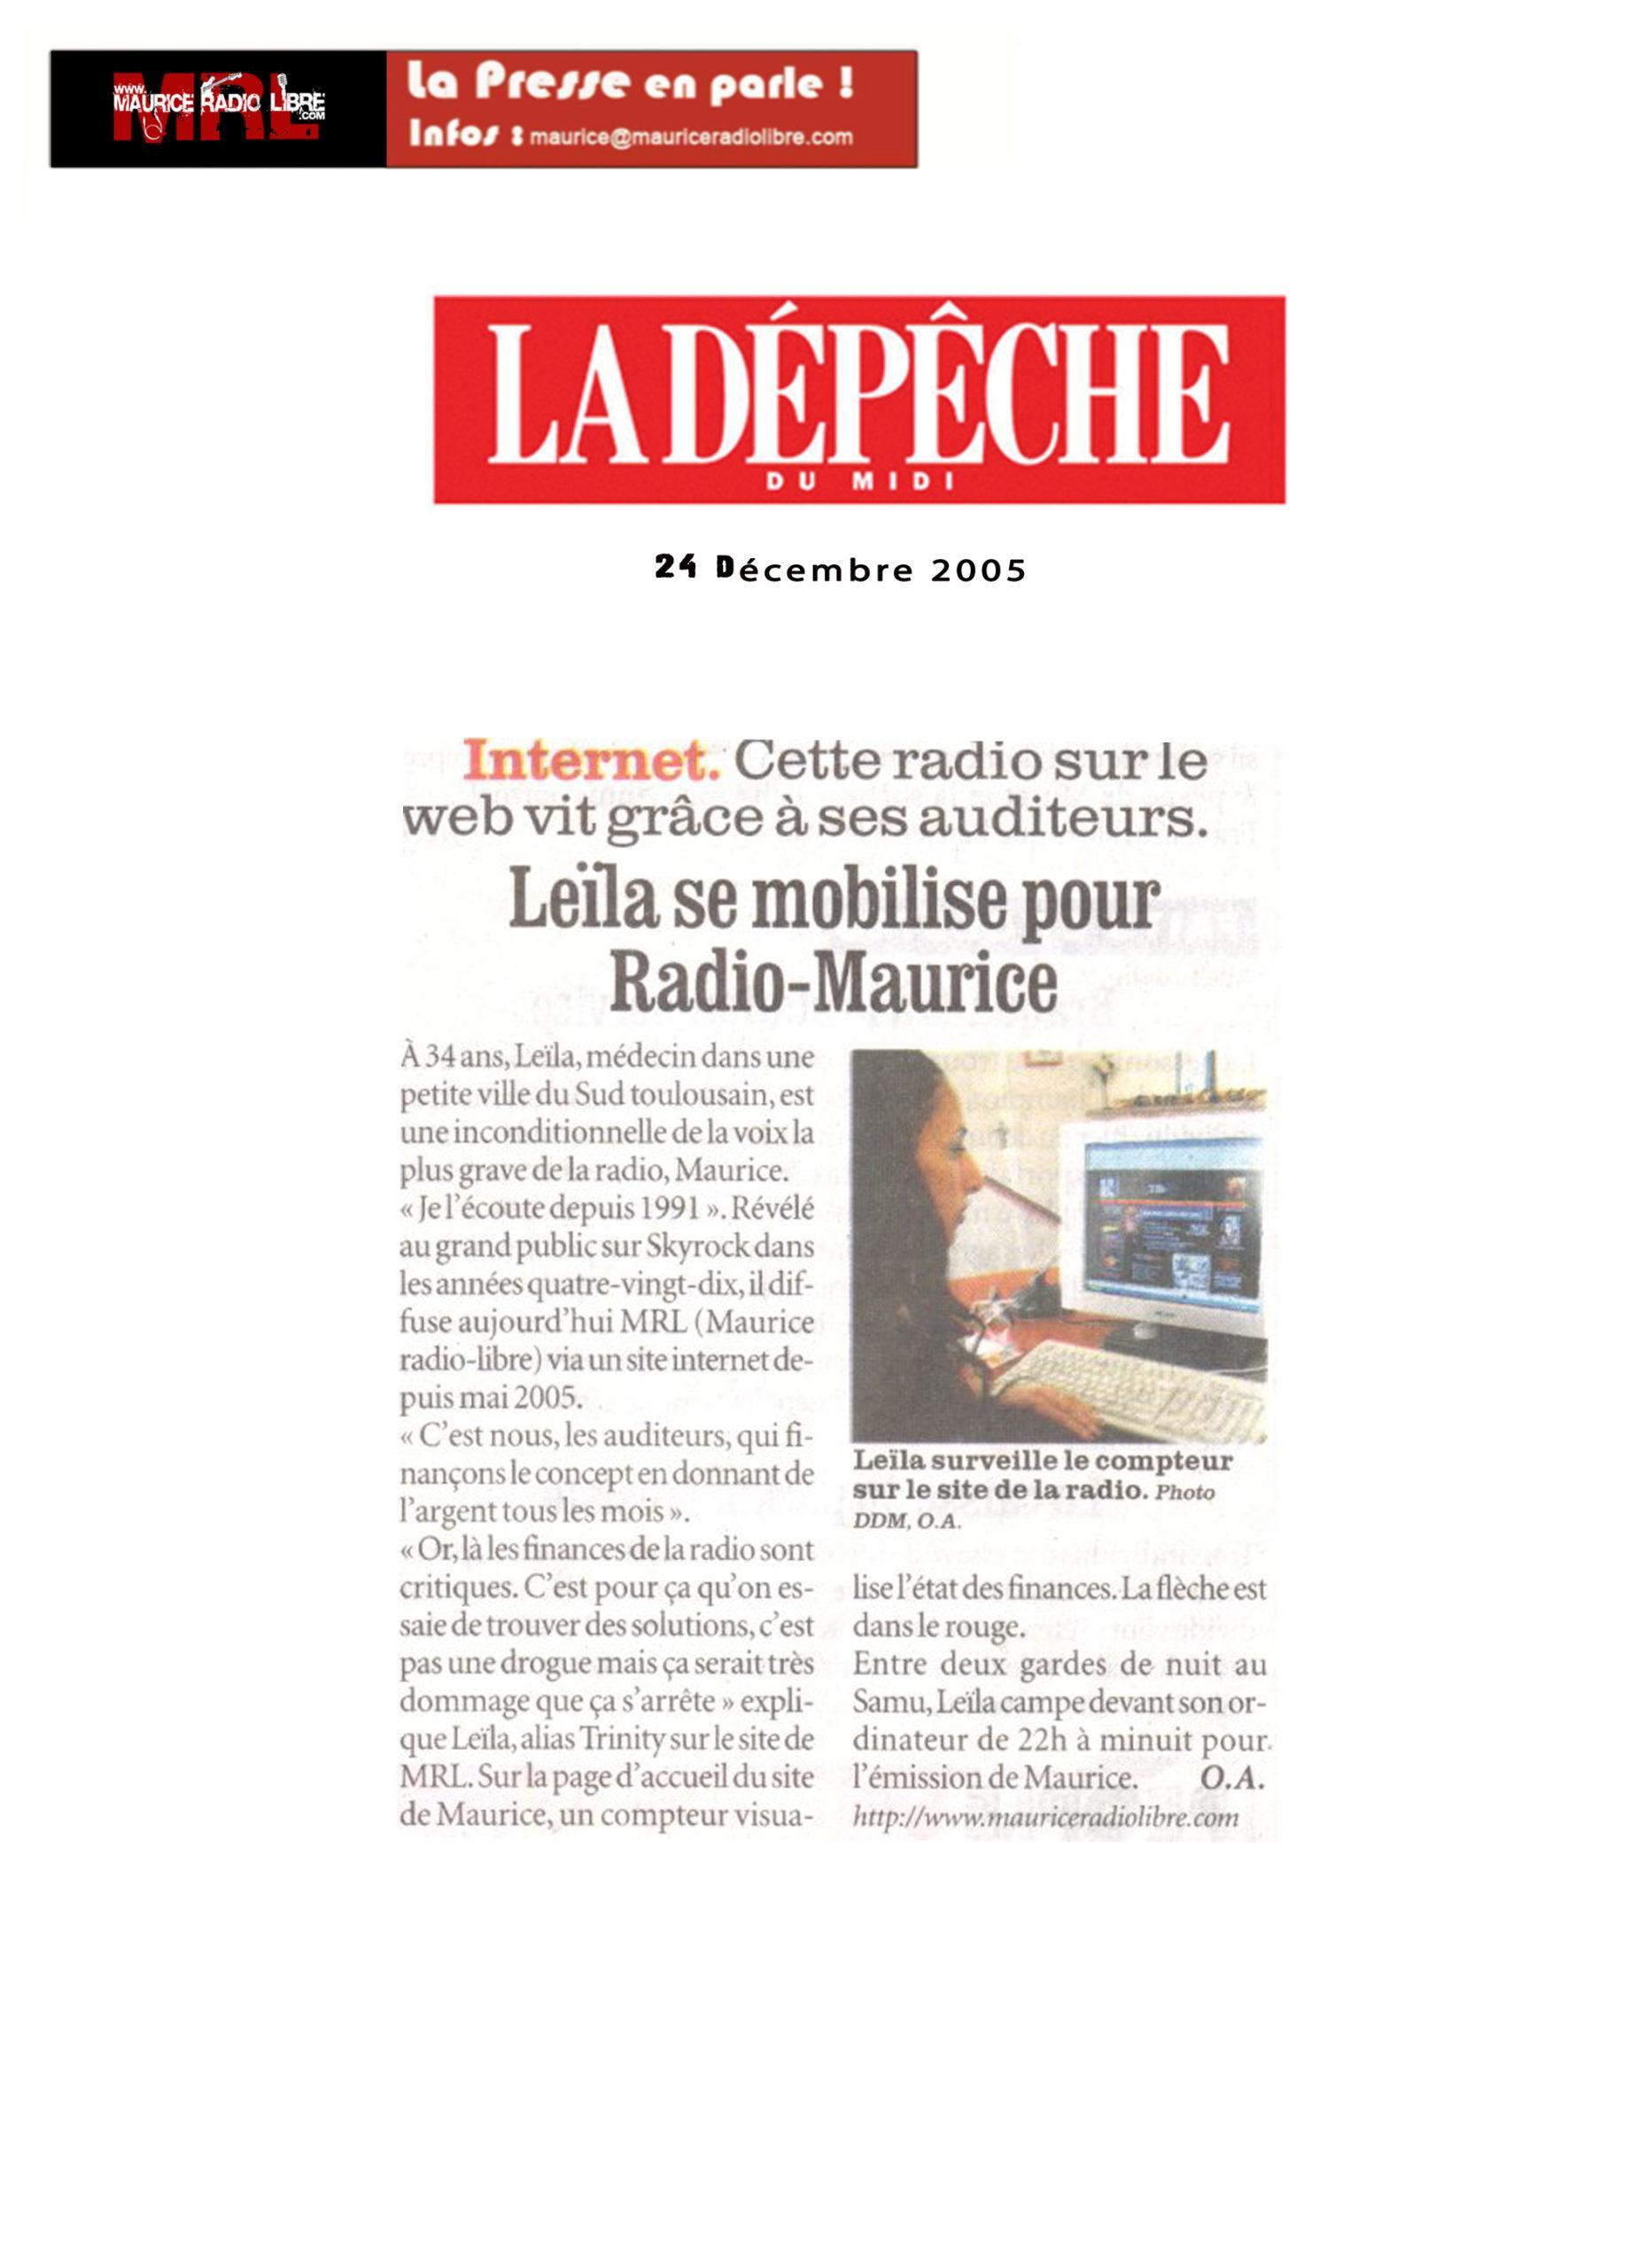 vignette Dépêche du midi Leïla se mobilise pour Radio Maurice - 24/12/2005